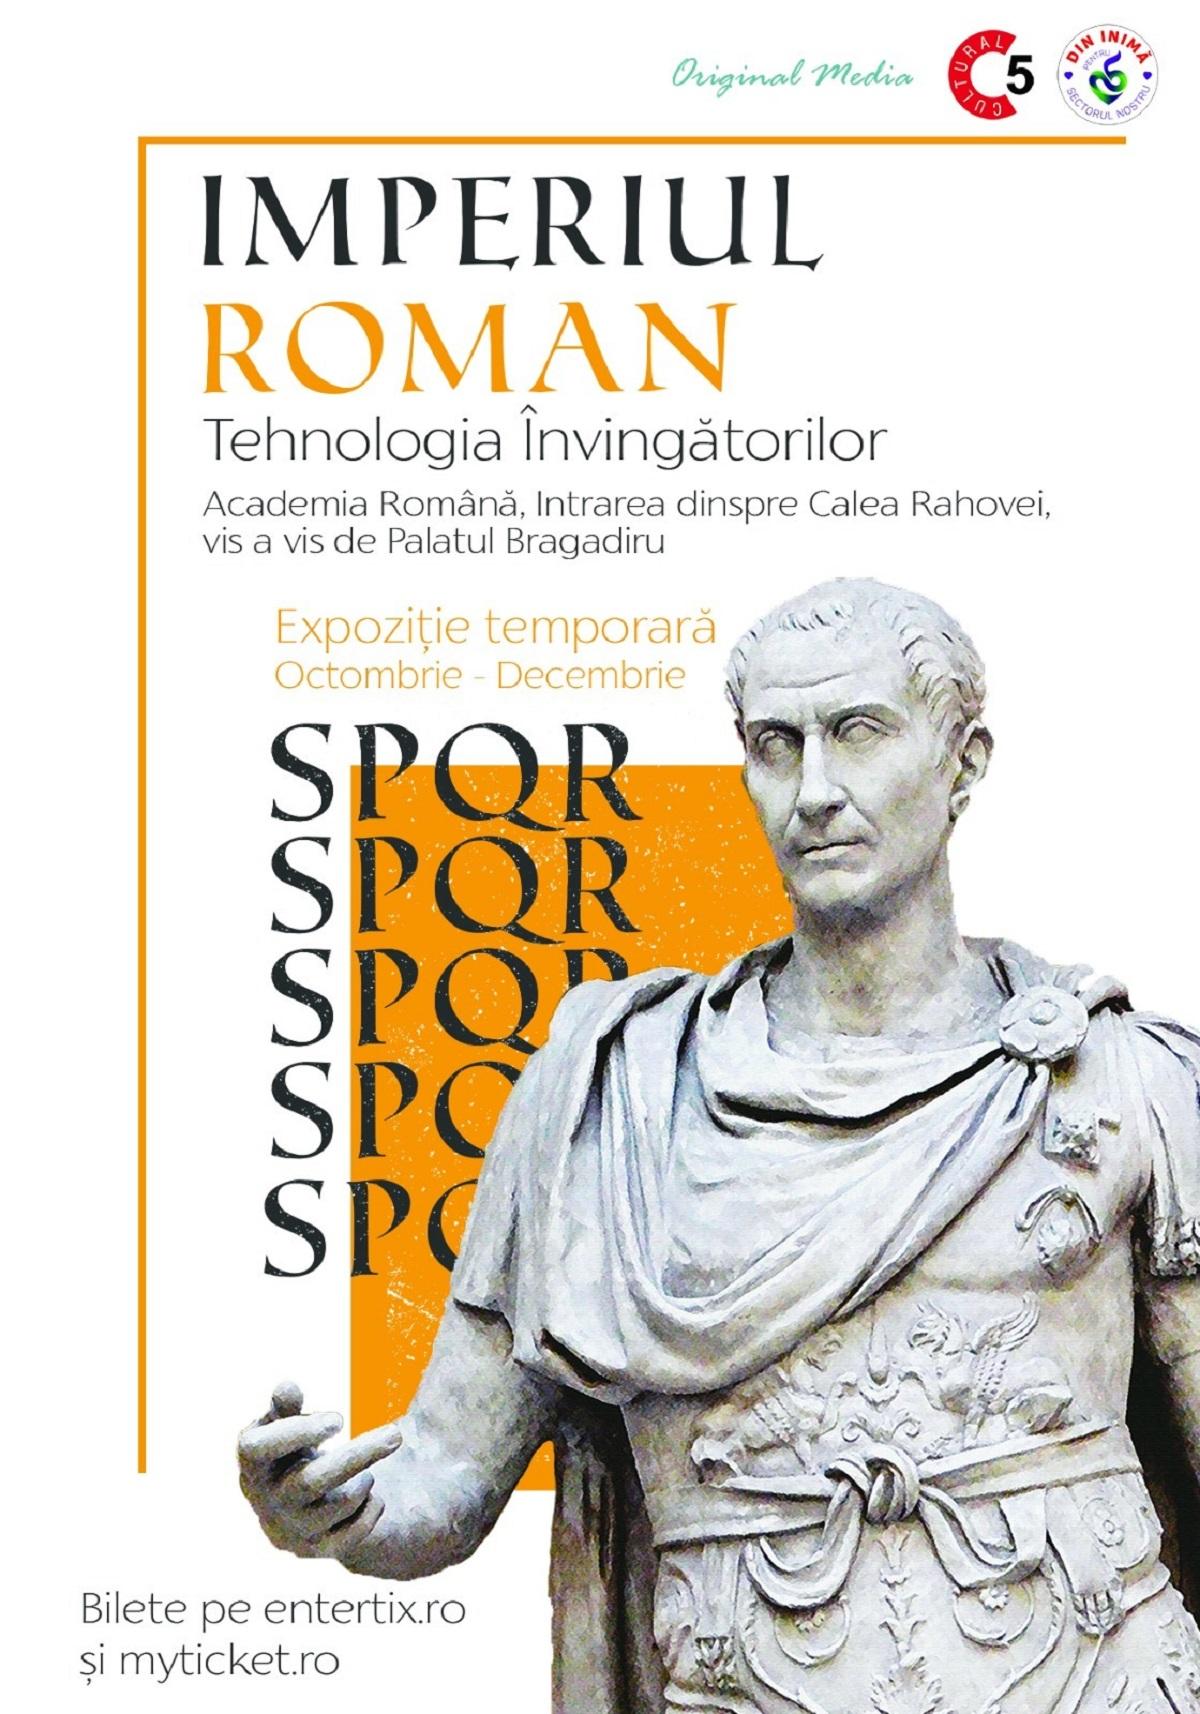 """Premieră în România, chiar sub nasul bucureștenilor. Expoziția """"Imperiul Roman - Tehnologia Învingătorilor"""" (P)"""